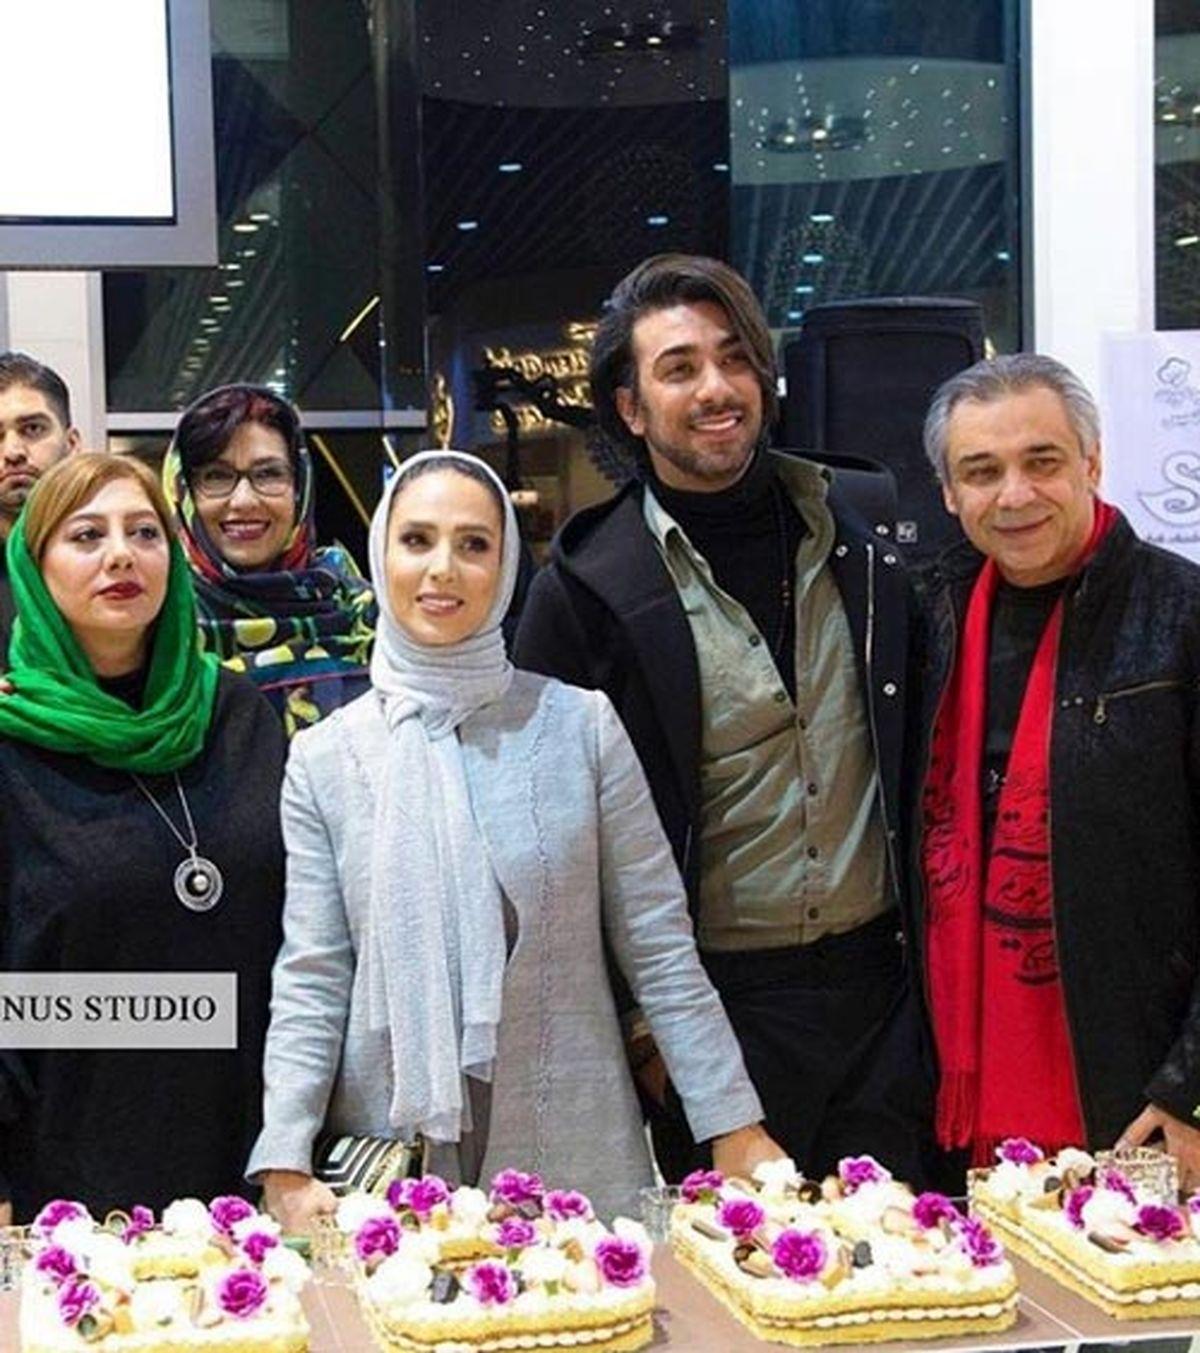 تولد لاکچری سوگل طهماسبی با حضور همسر جوان و خوشتیپش+عکس